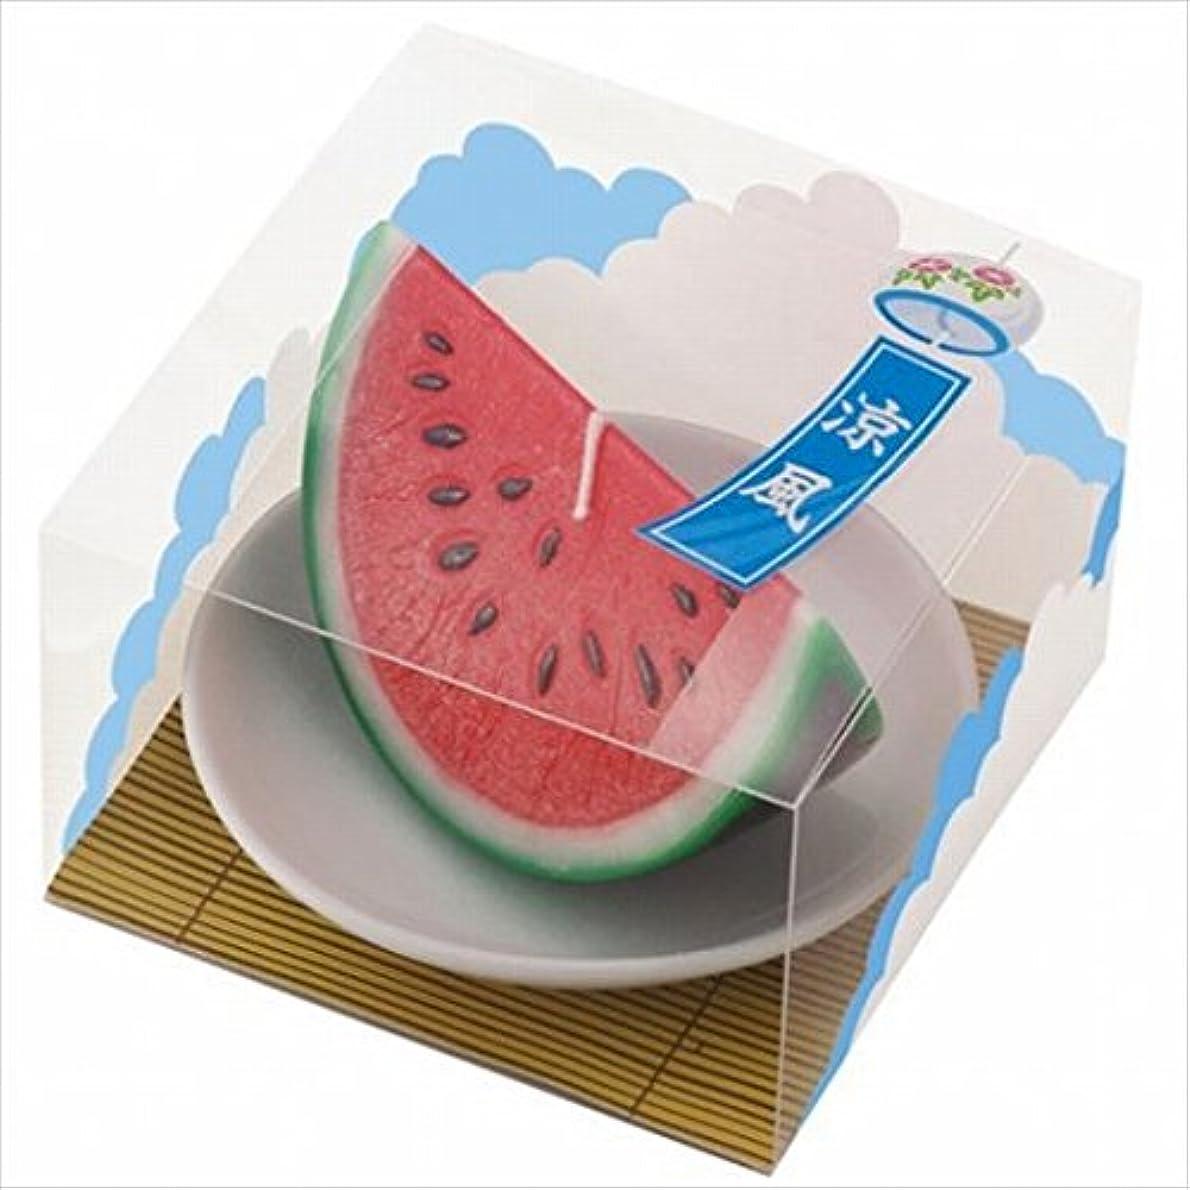 検索エンジンマーケティングトラブル予算kameyama candle(カメヤマキャンドル) スイカキャンドル(86870000)